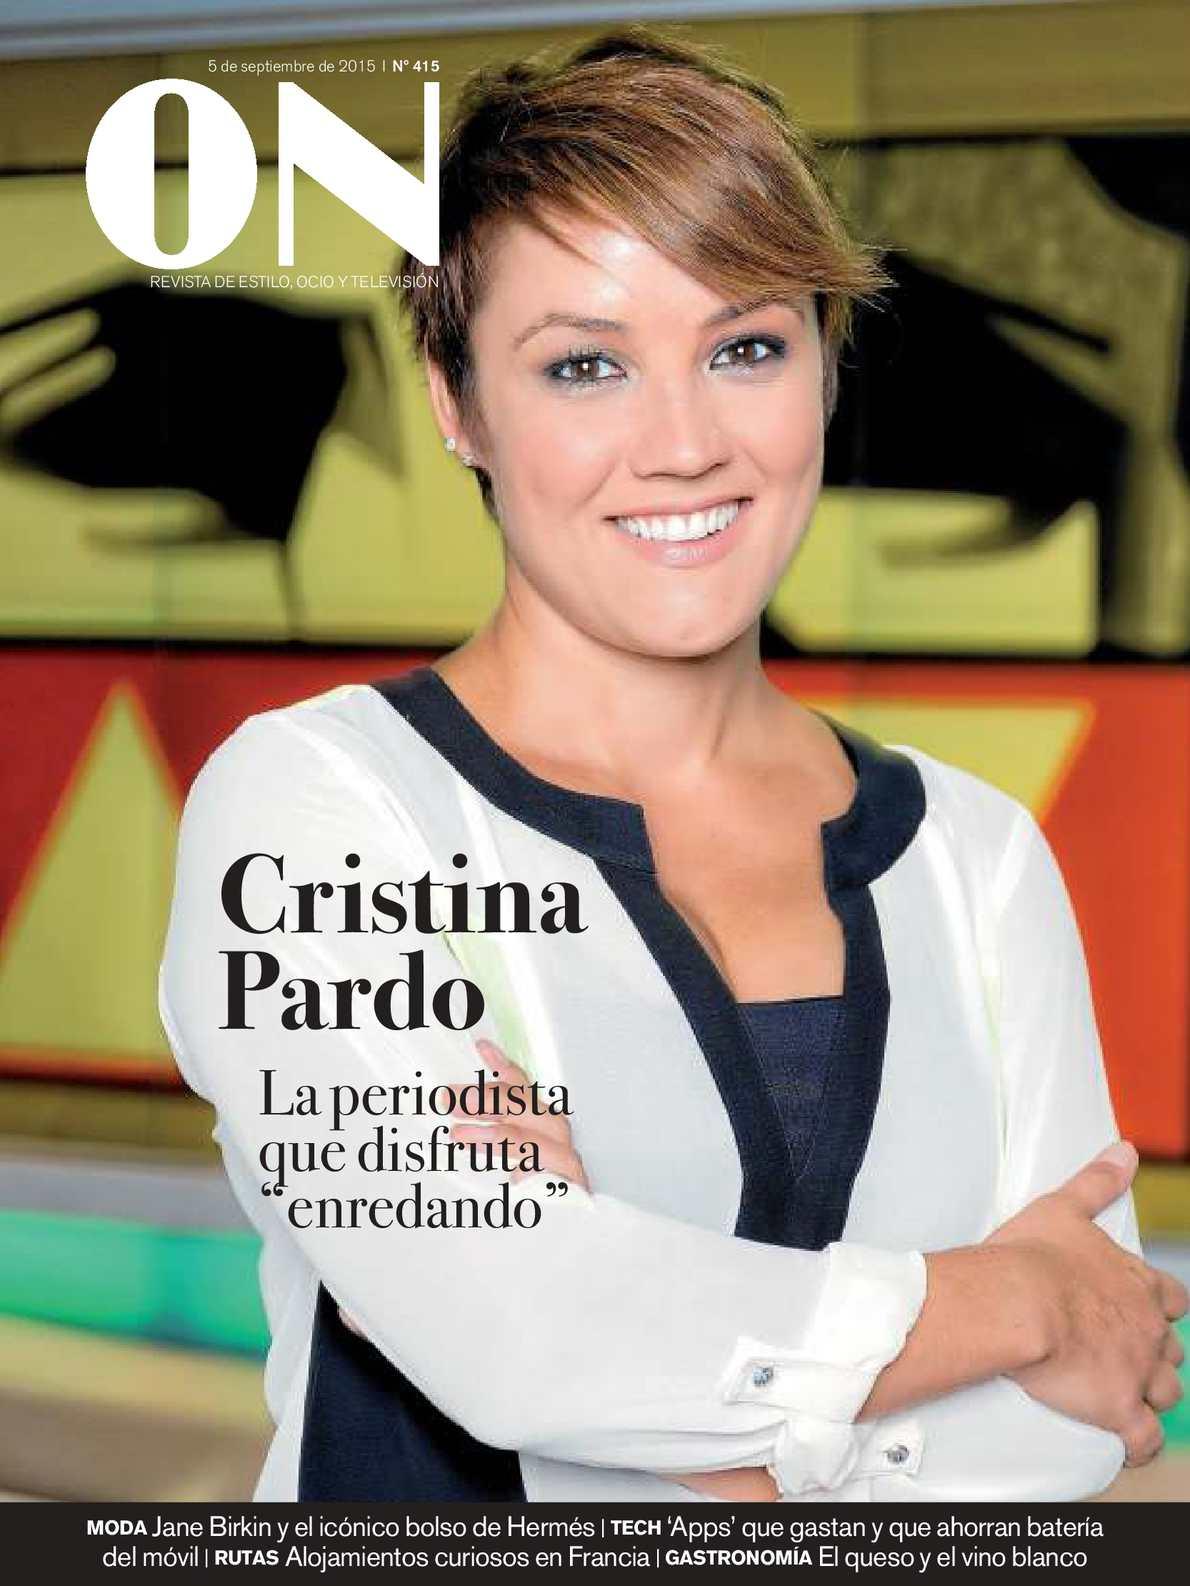 23b21760b Calaméo - ON Revista de Ocio y Estilo 20150905